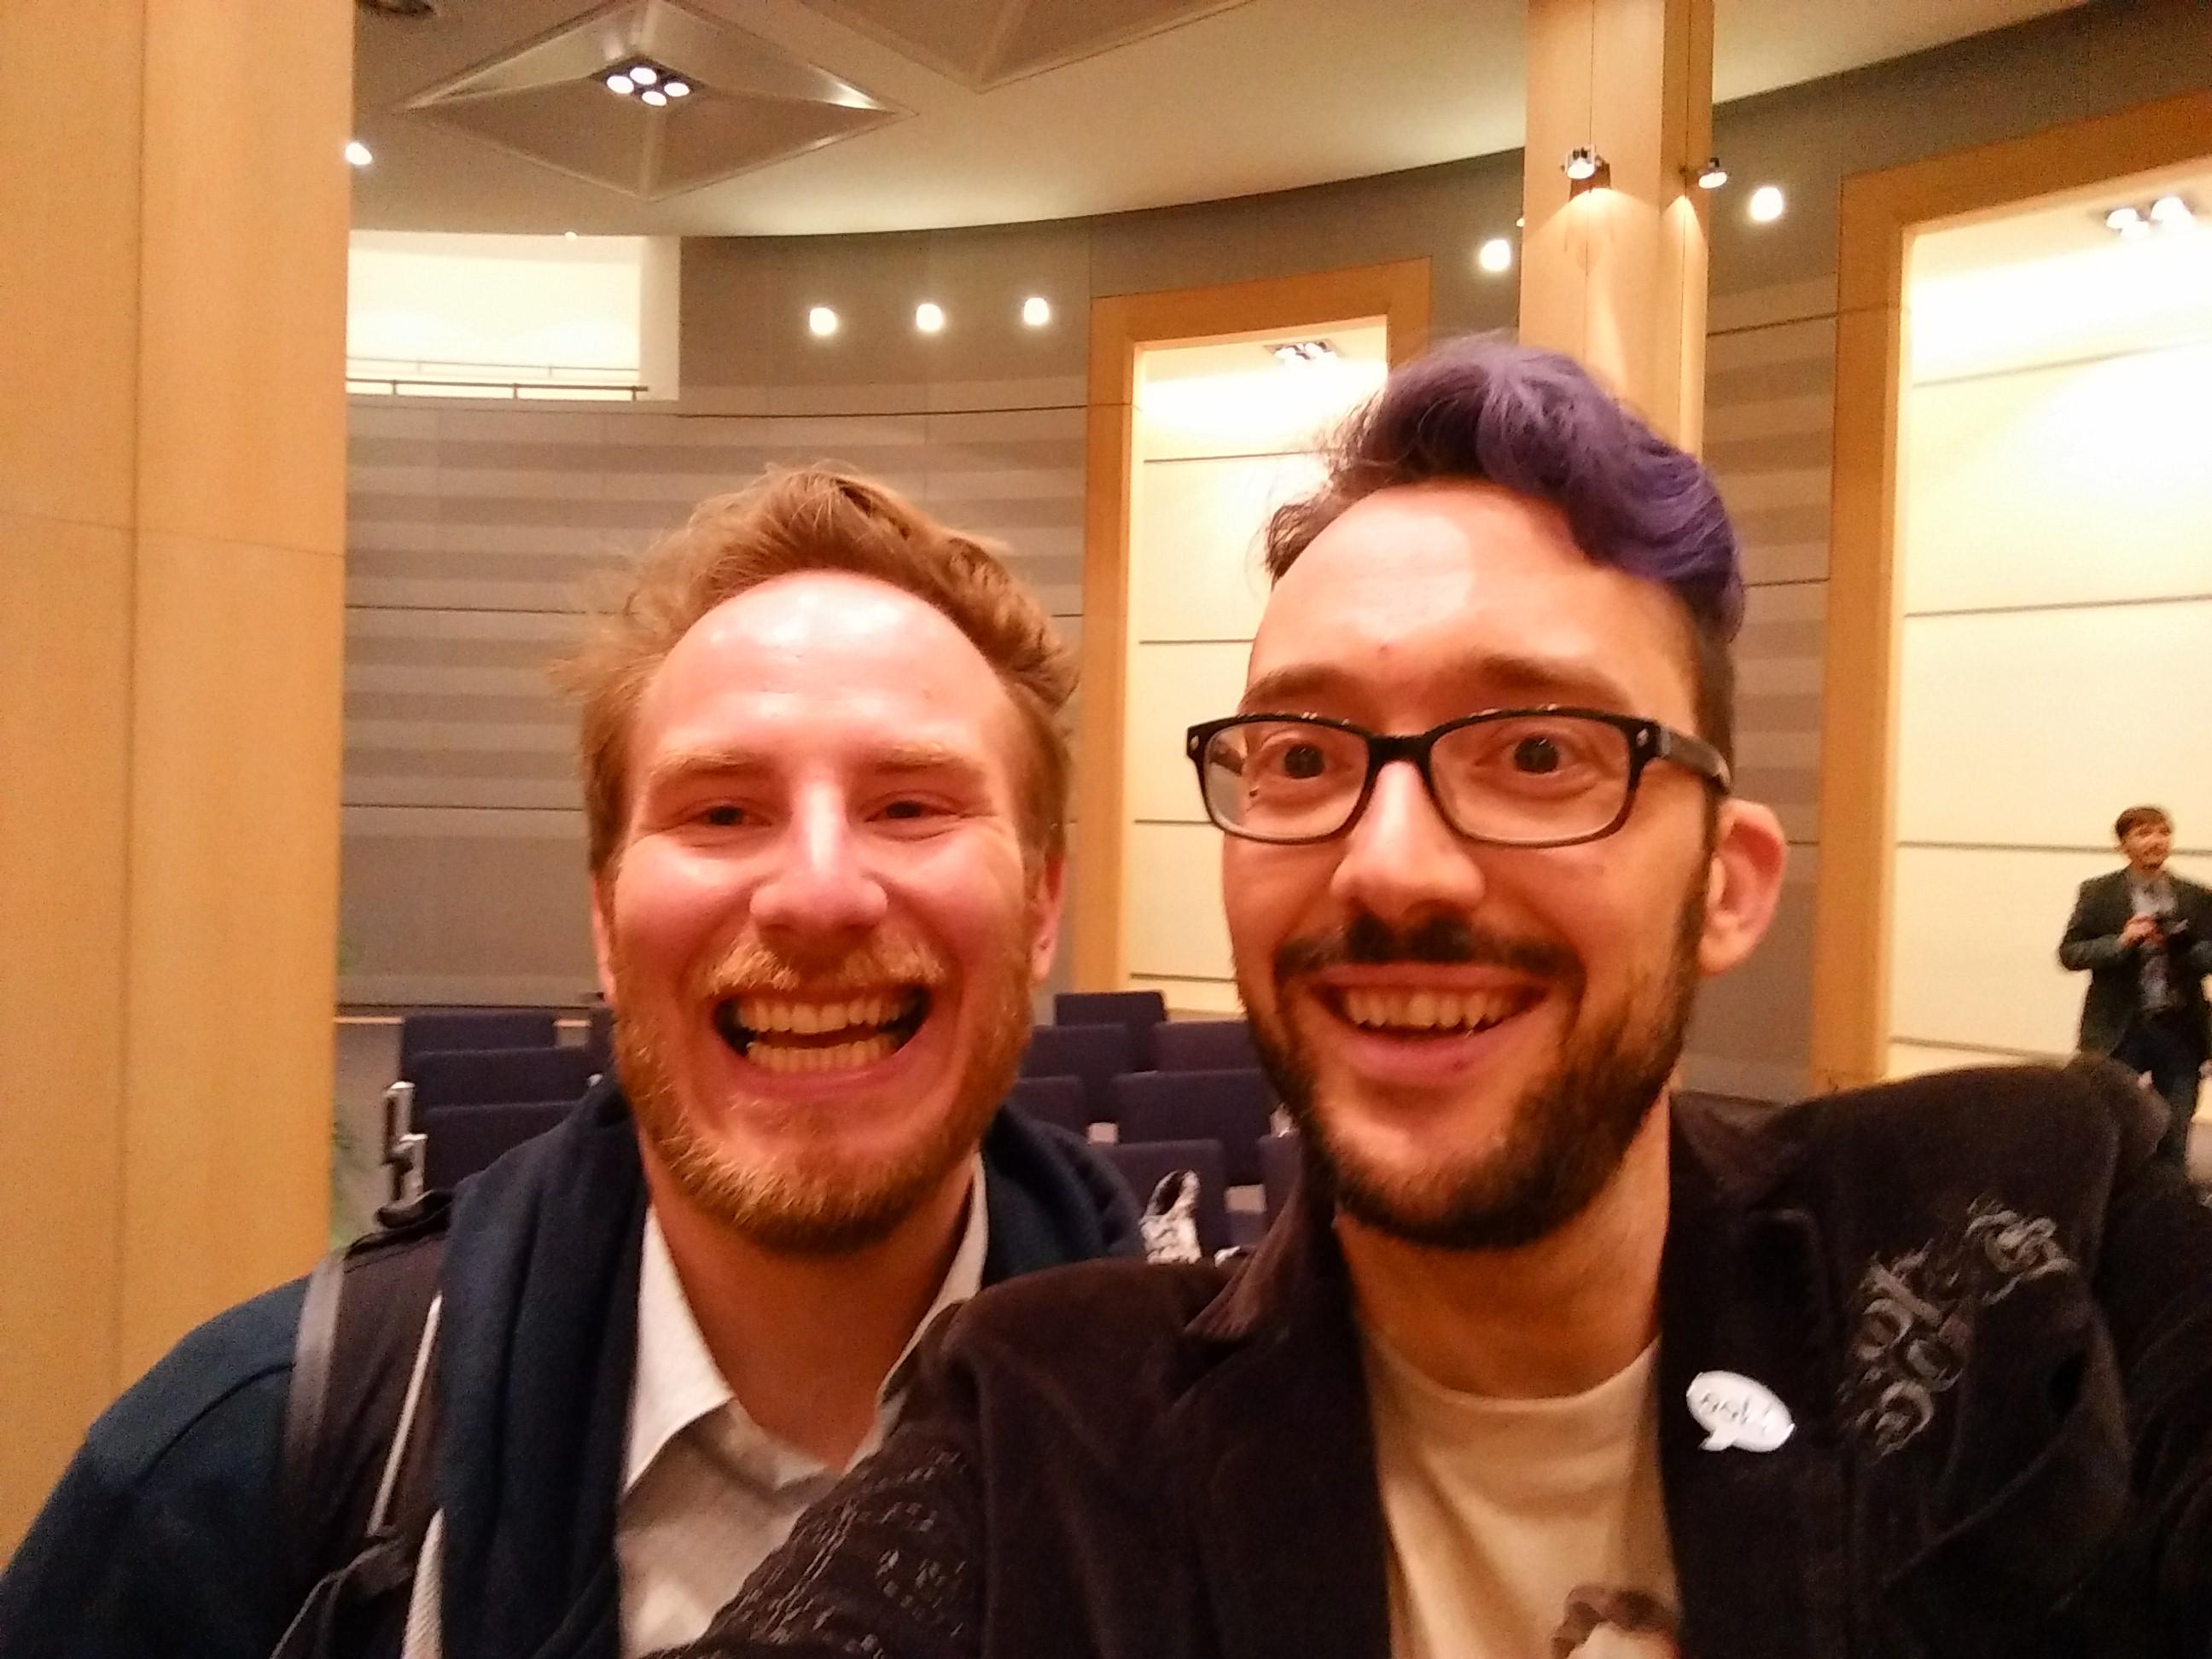 Neil et Pouhiou, des auteurs très à l'aise avec les selfies.